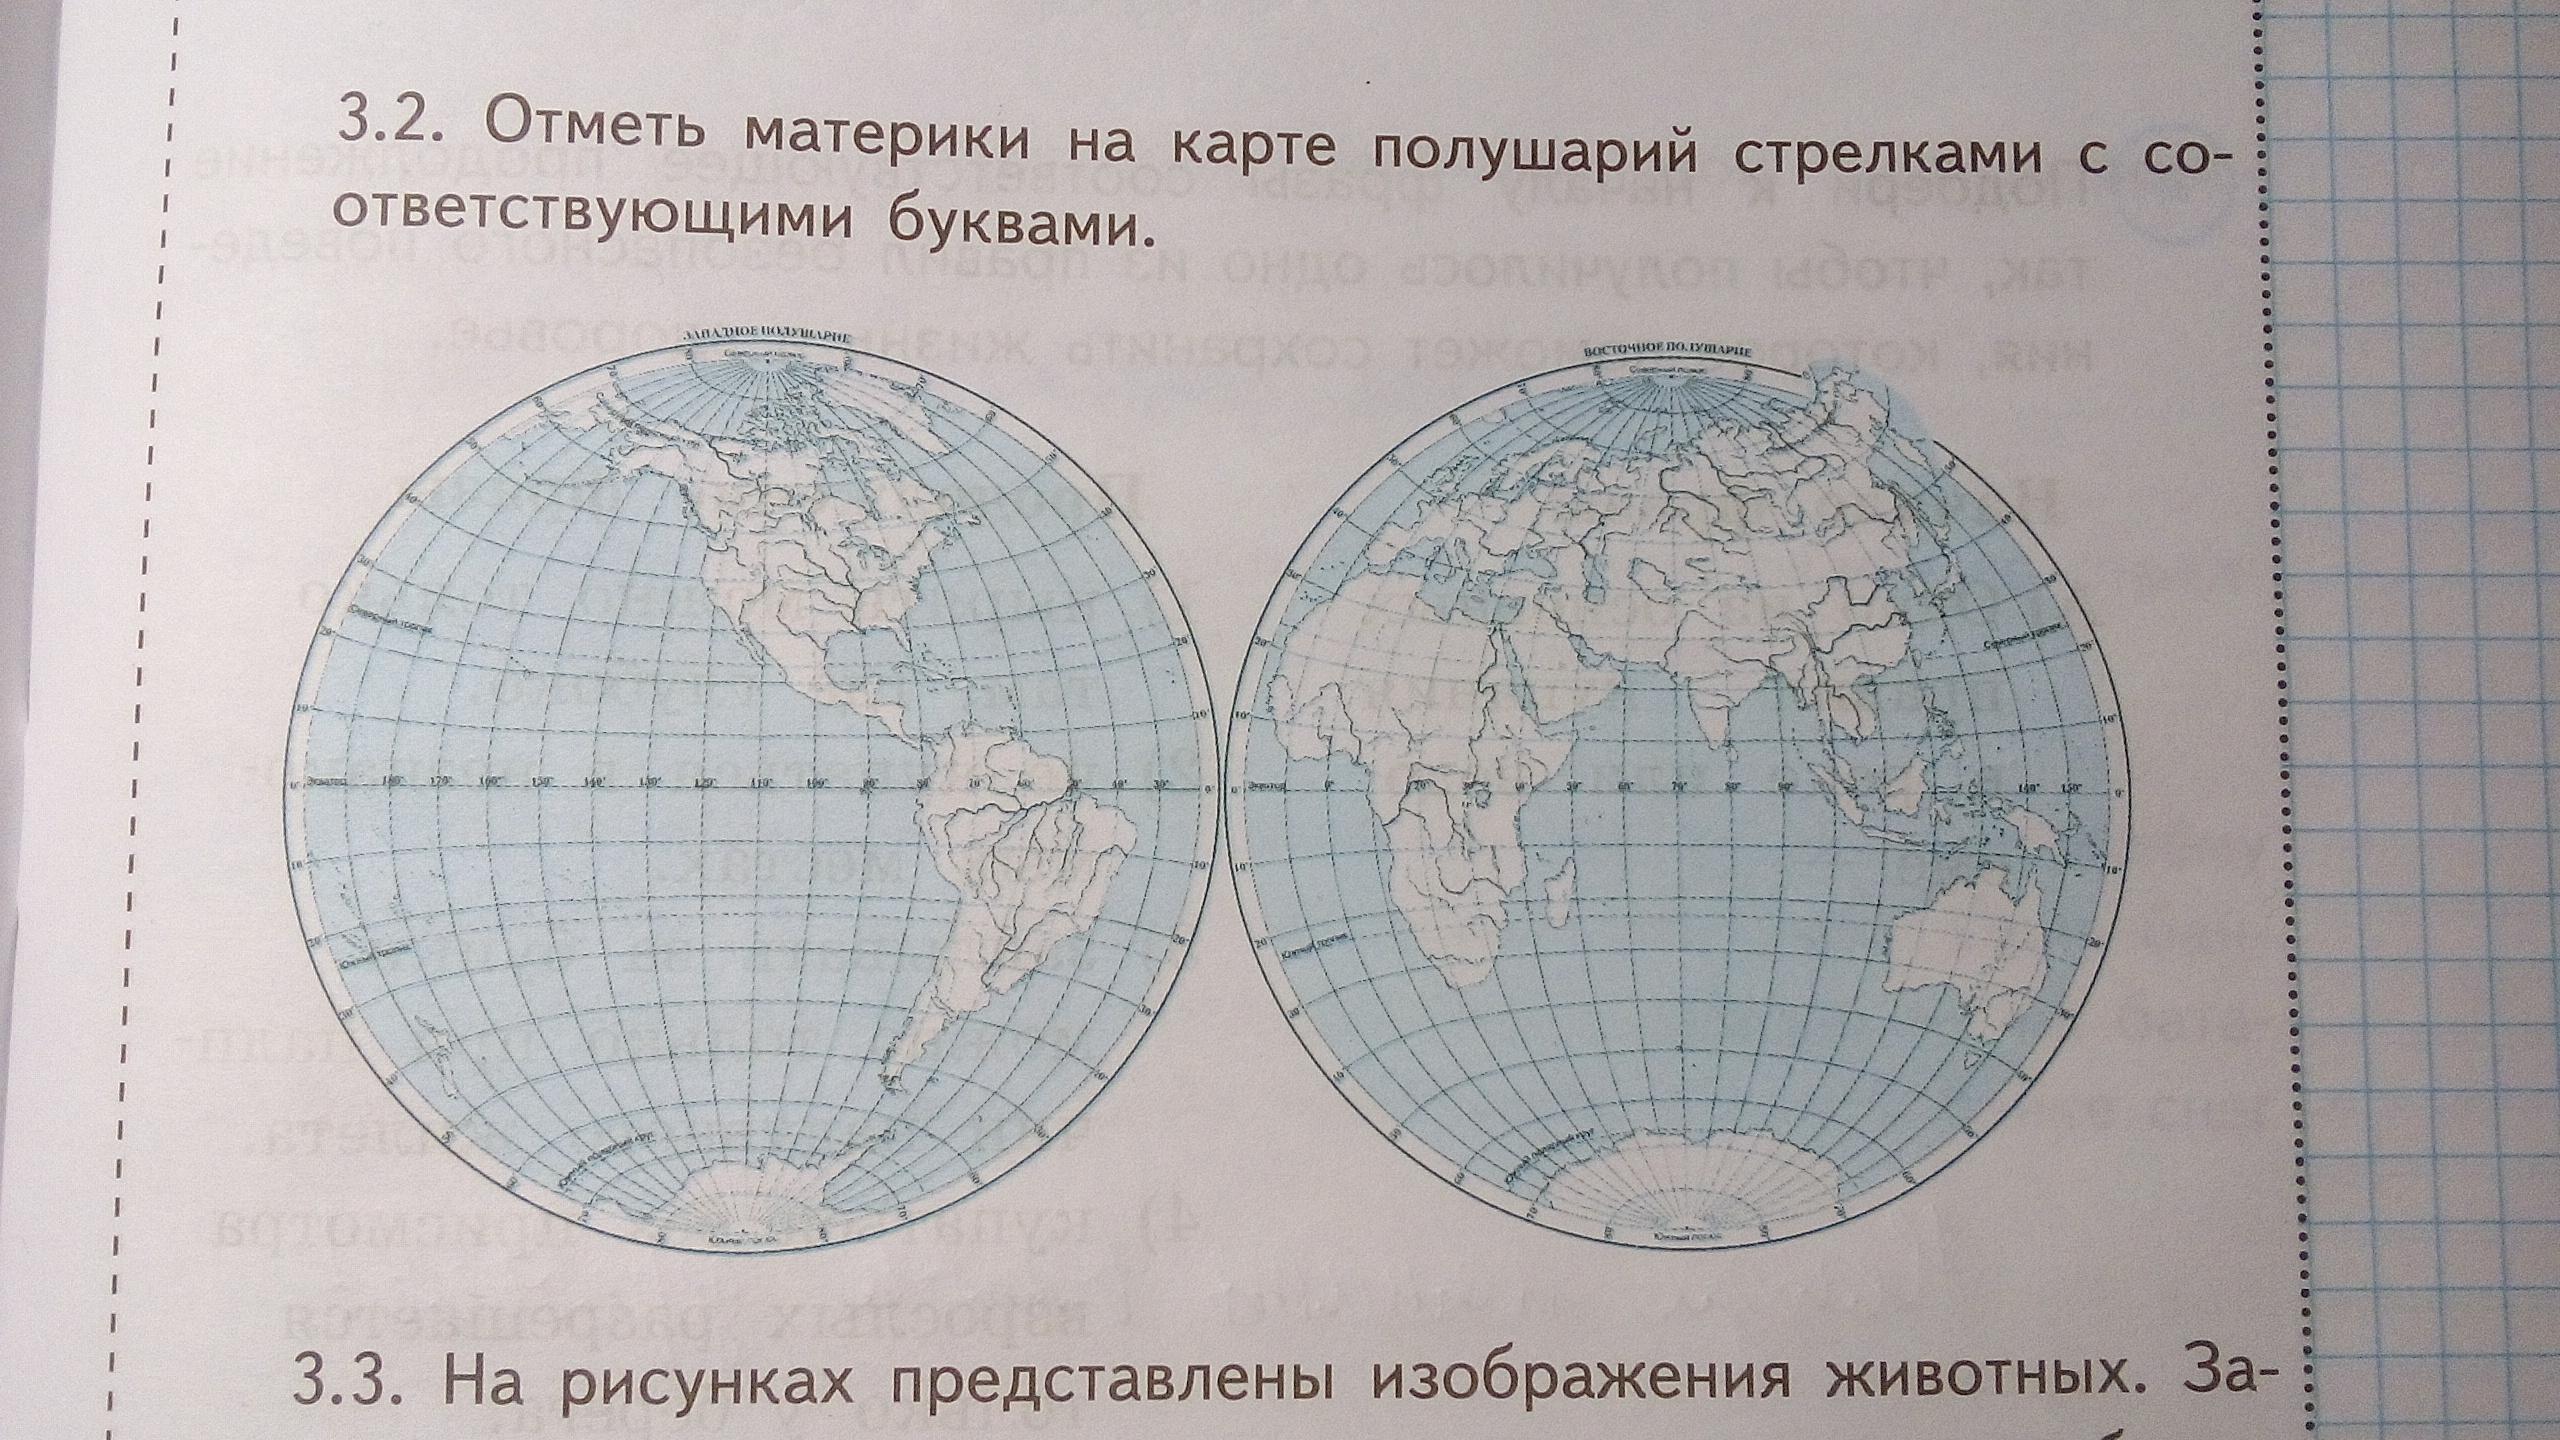 Отметь материки на карте полушарий стрелками с соответствующими буквами. Помогите пожалуйста.